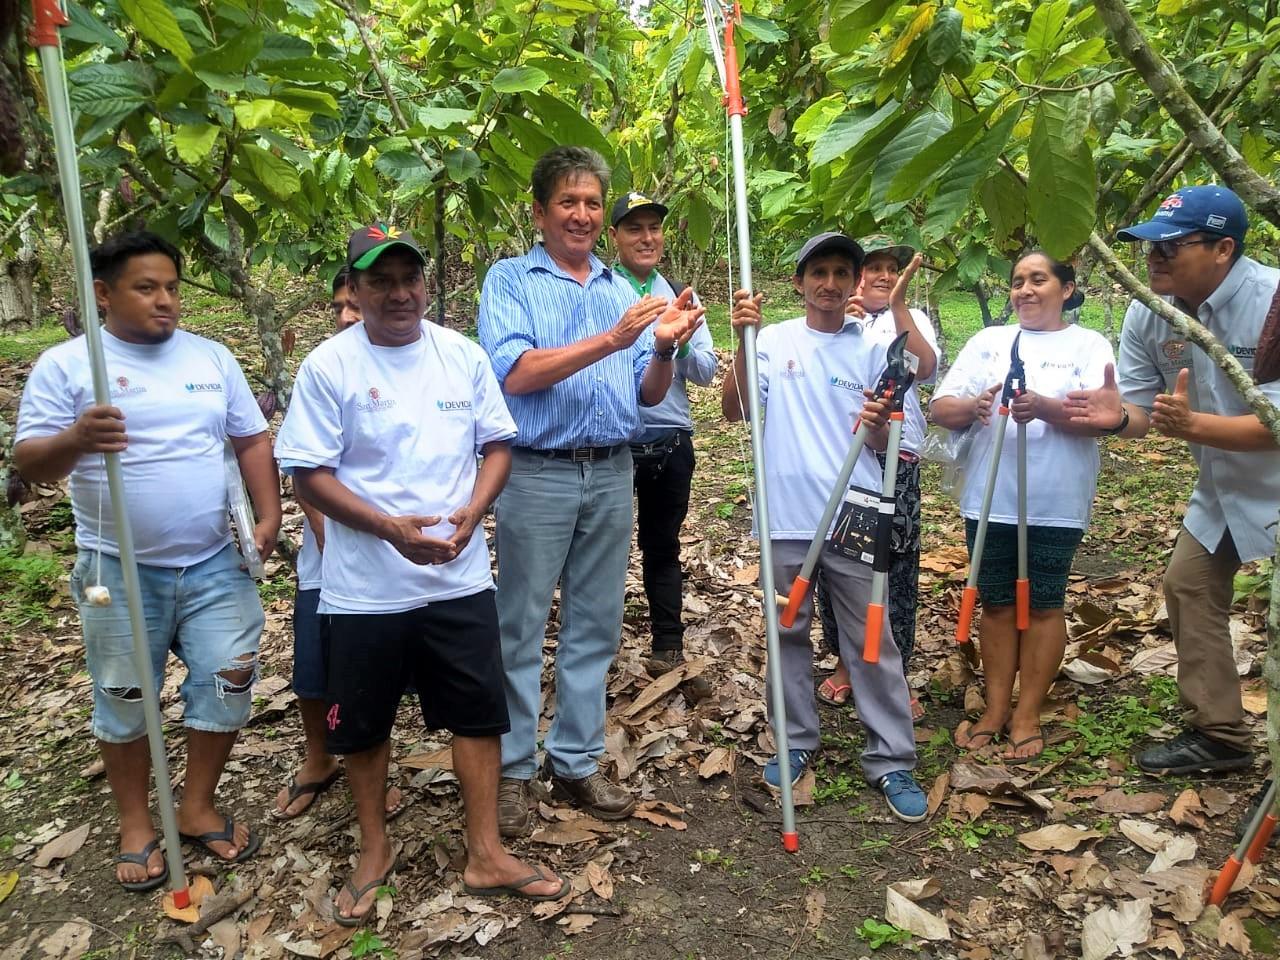 Entregan herramientas a productores cacaoteros sanmartinianos en El Dorado - INFOREGION